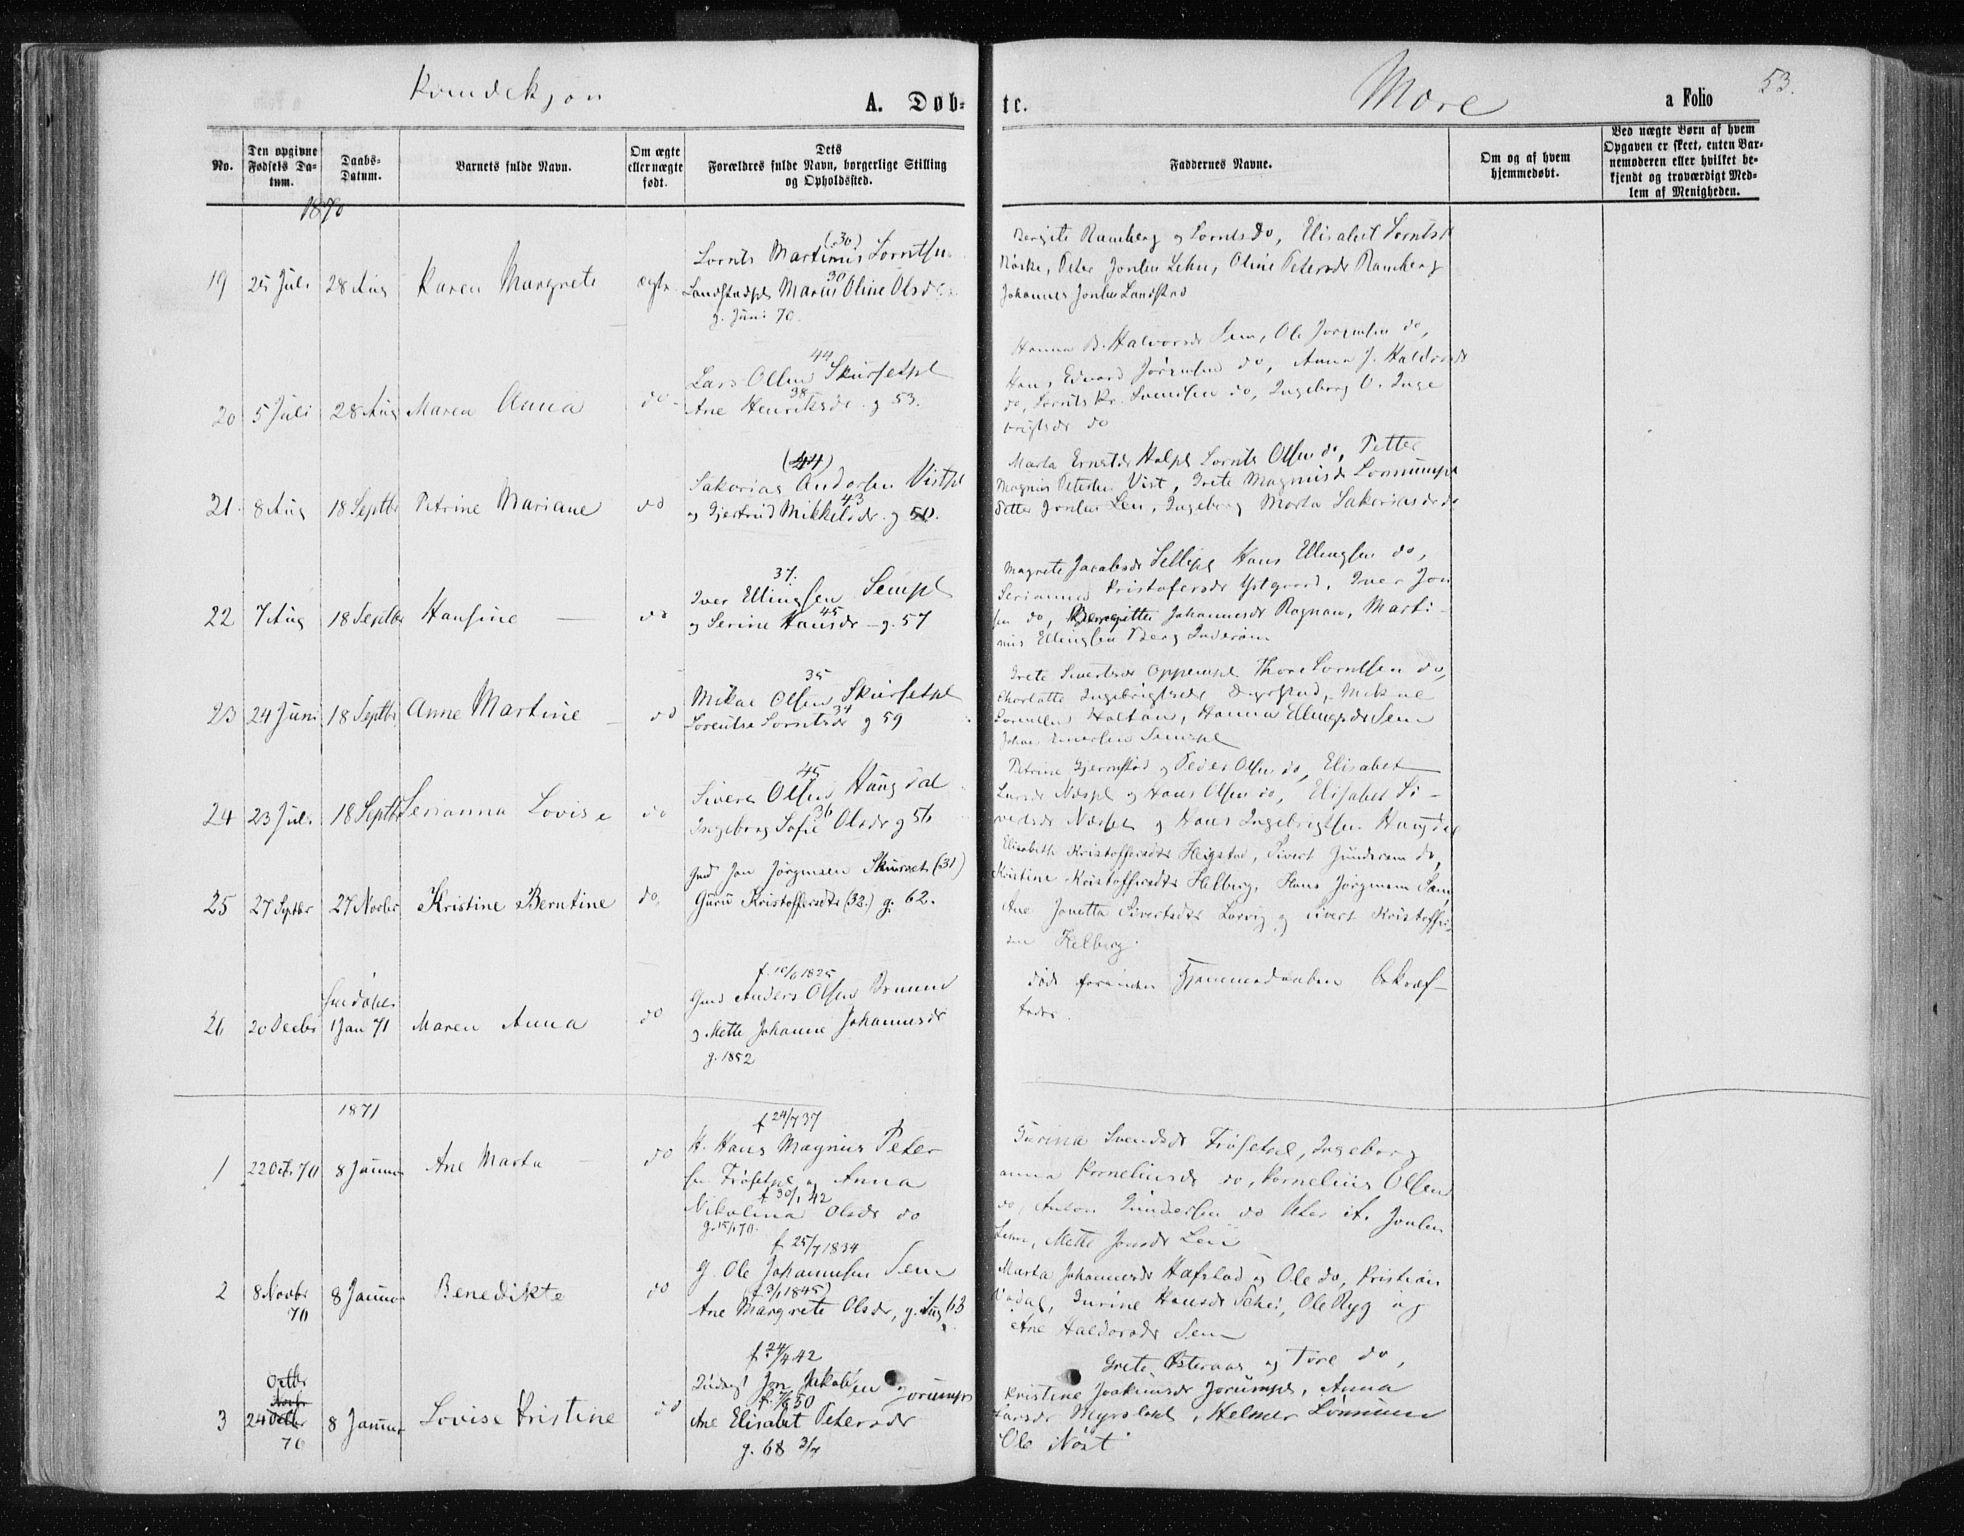 SAT, Ministerialprotokoller, klokkerbøker og fødselsregistre - Nord-Trøndelag, 735/L0345: Ministerialbok nr. 735A08 /1, 1863-1872, s. 53